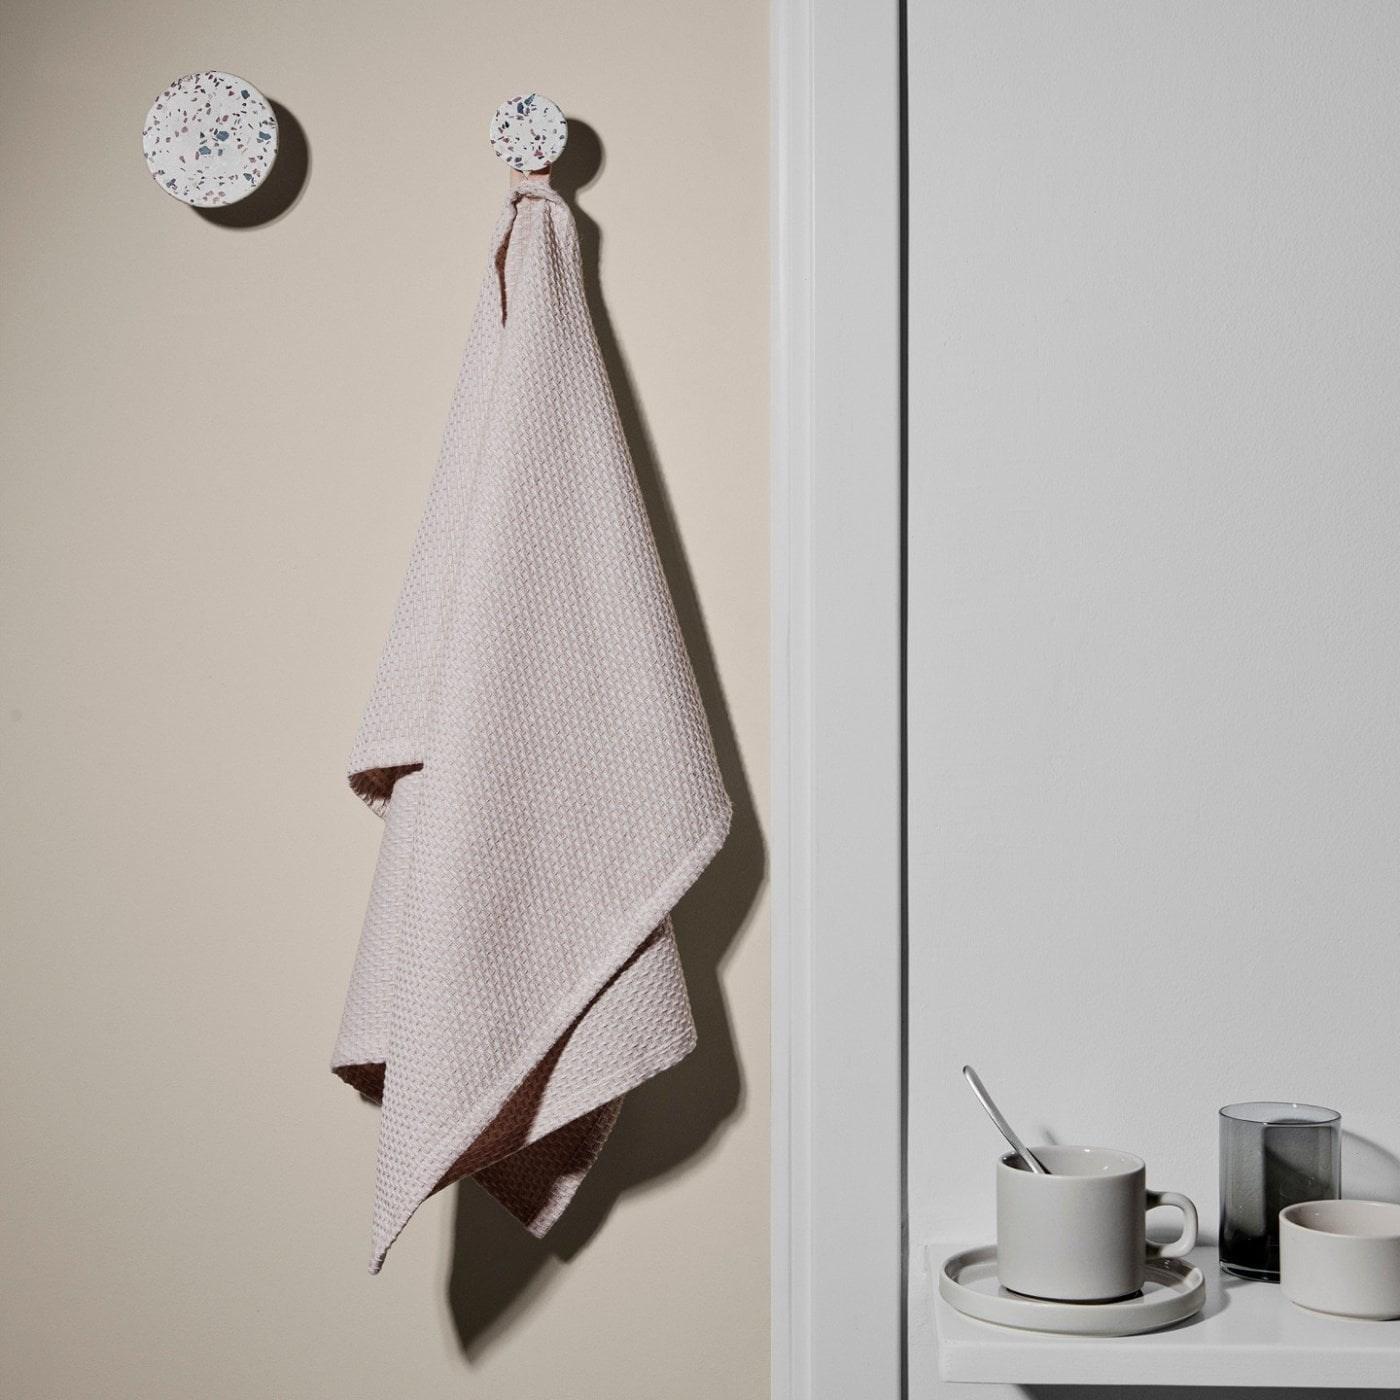 Obrázek z Háčky na zeď PONTO SET/4ks mramor bílý